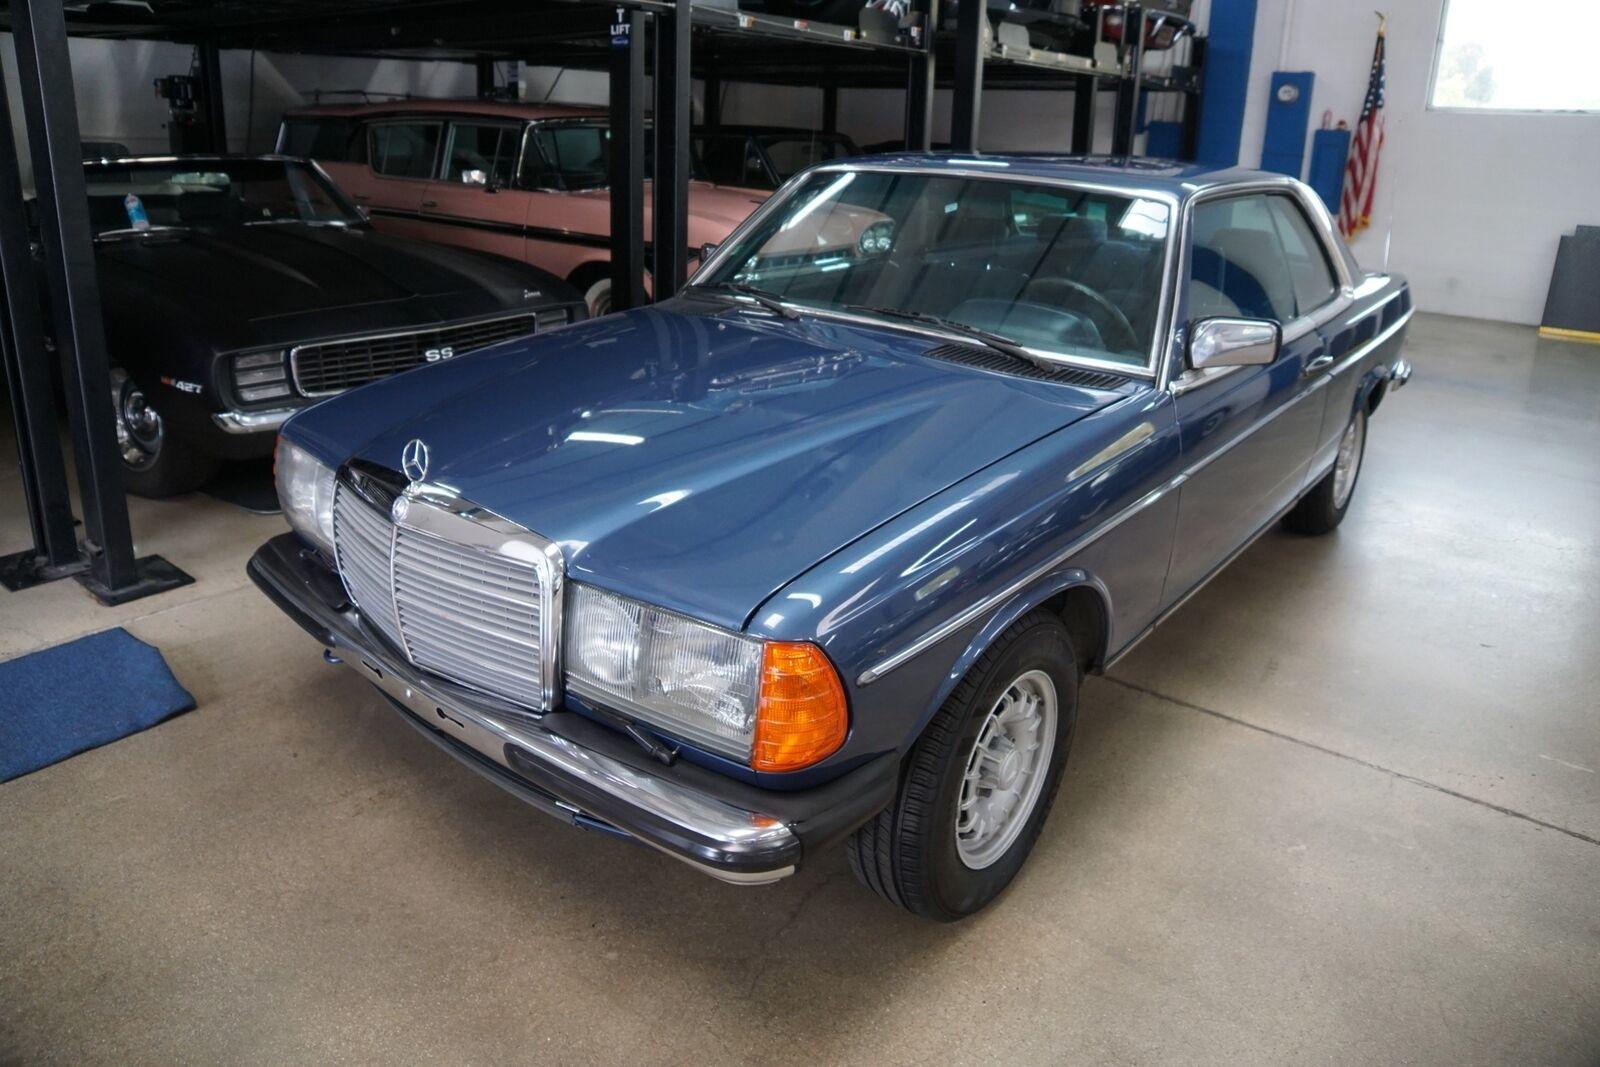 1984 Mercedes-Benz 230 CE 2 Door Coupe with 70K original miles